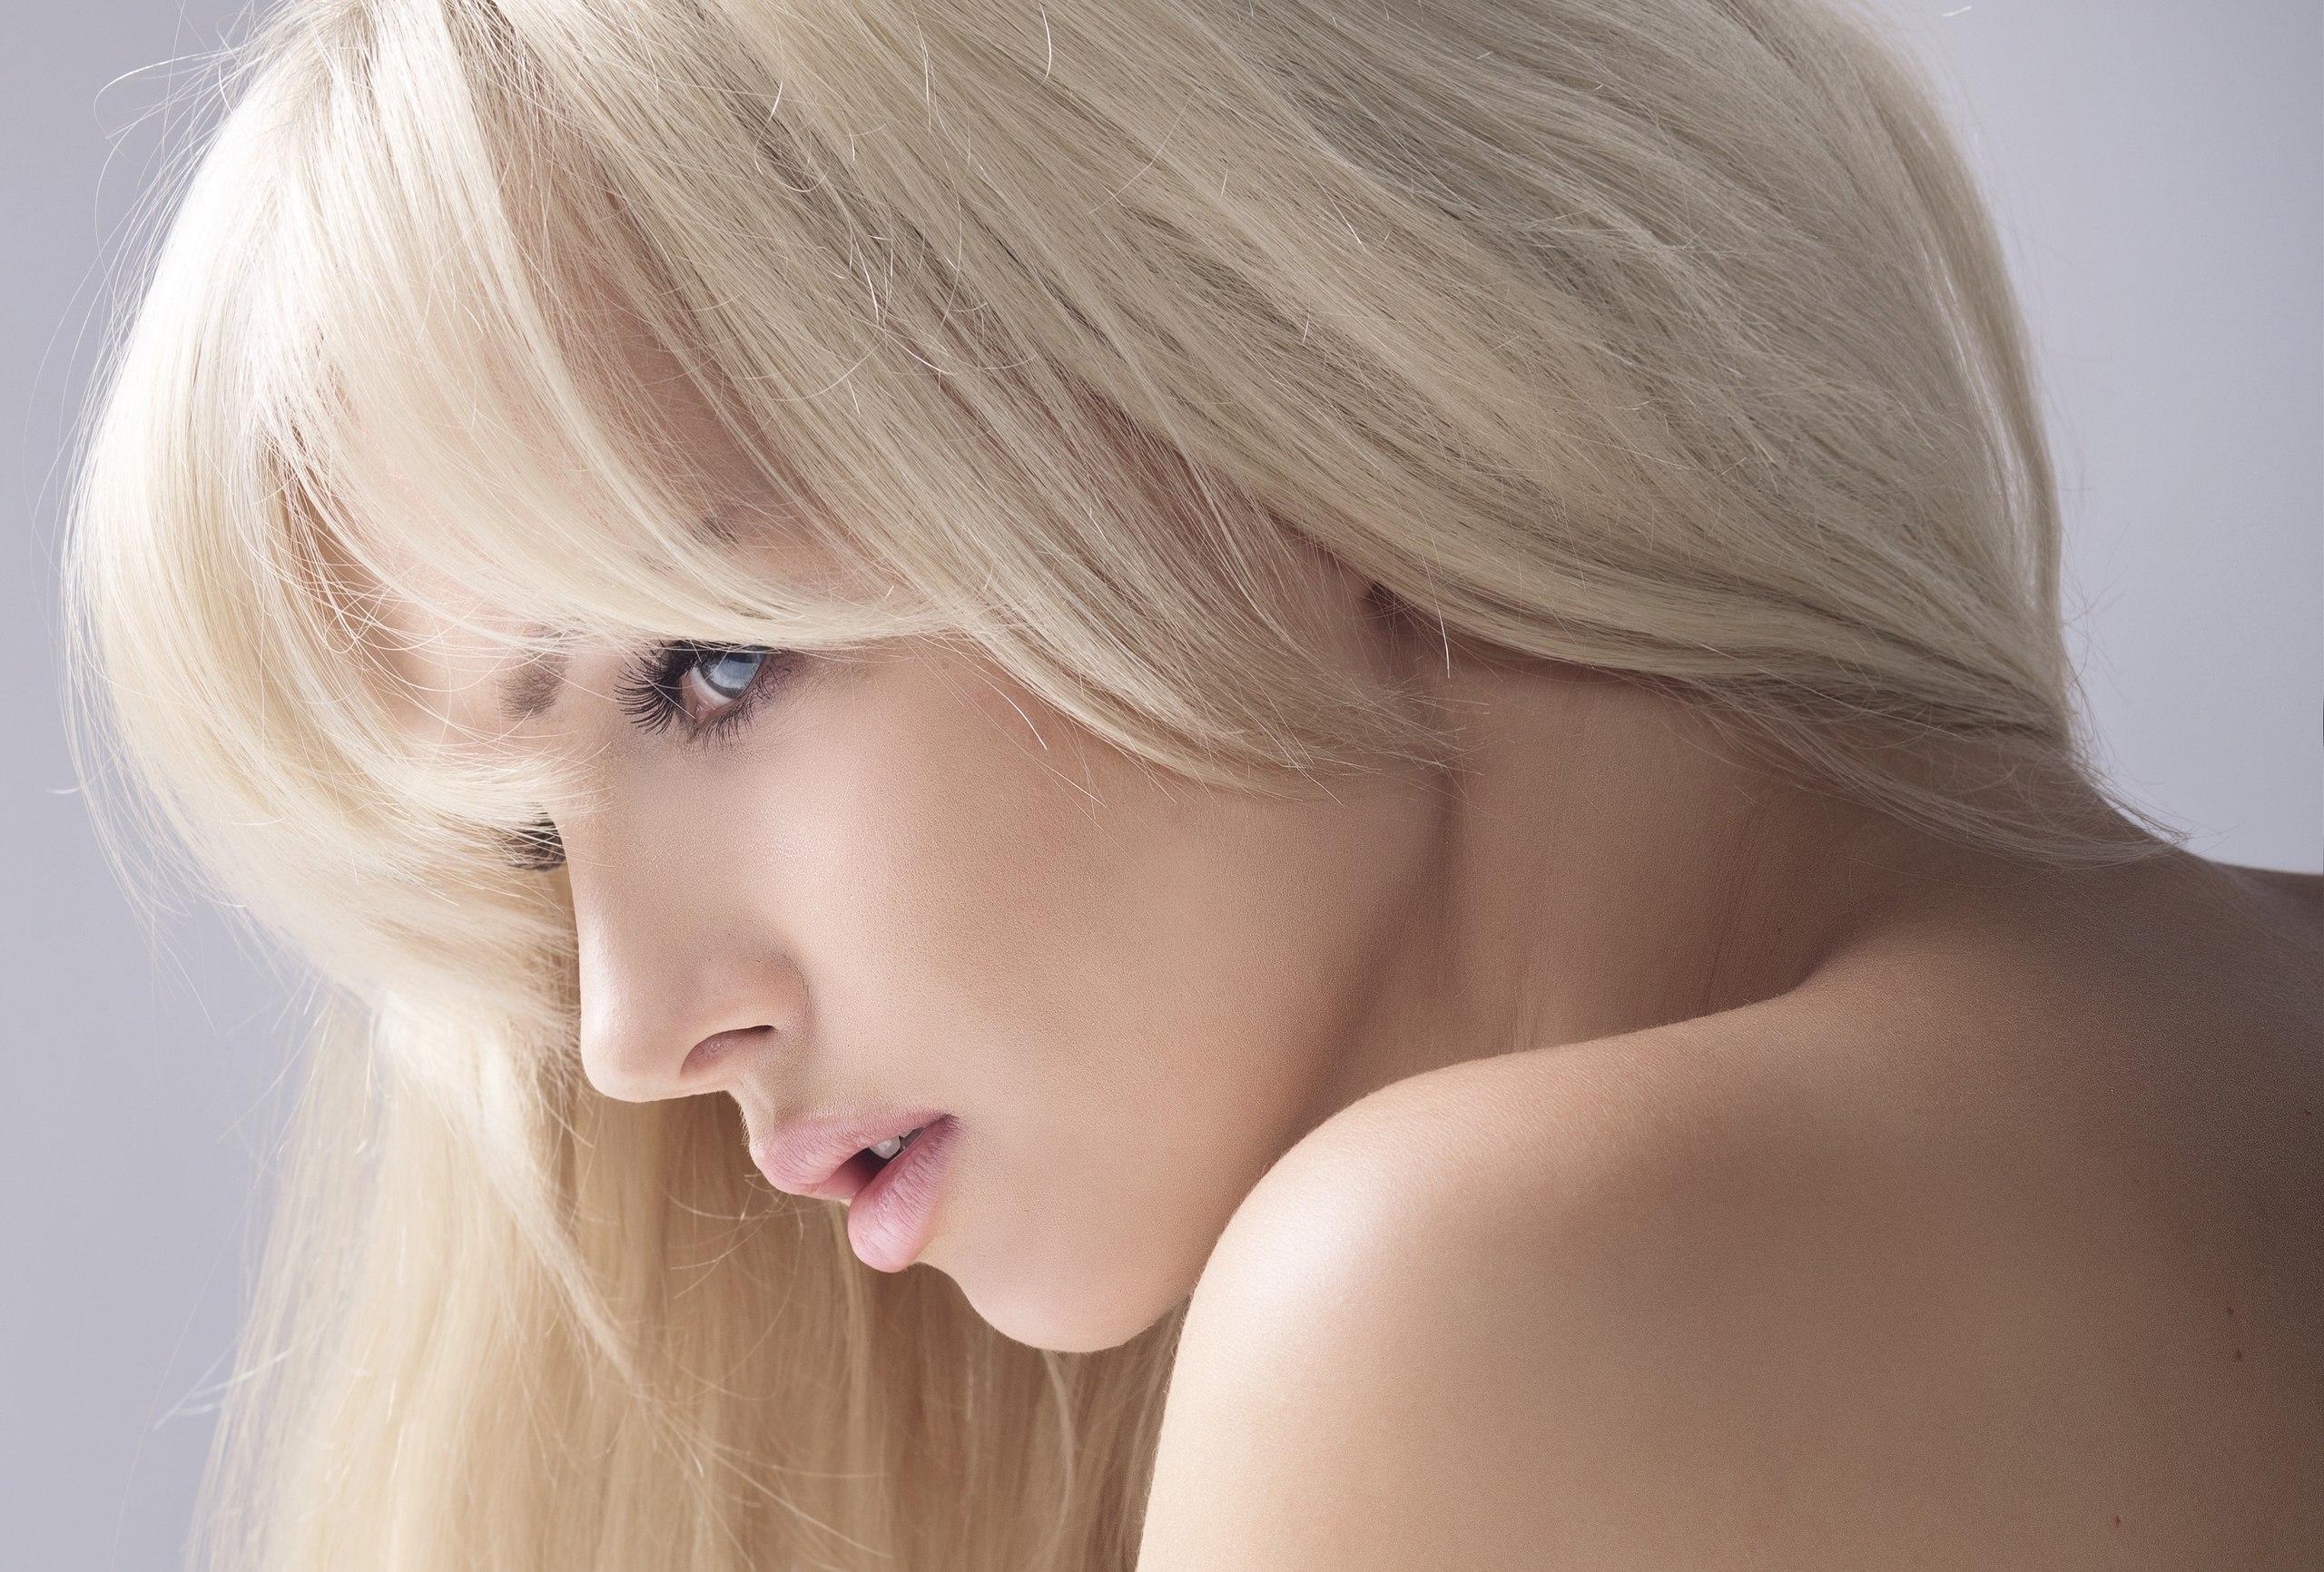 Фото волосаті крупним планом, Волосатая пизда крупным планом частные секс фото 16 фотография